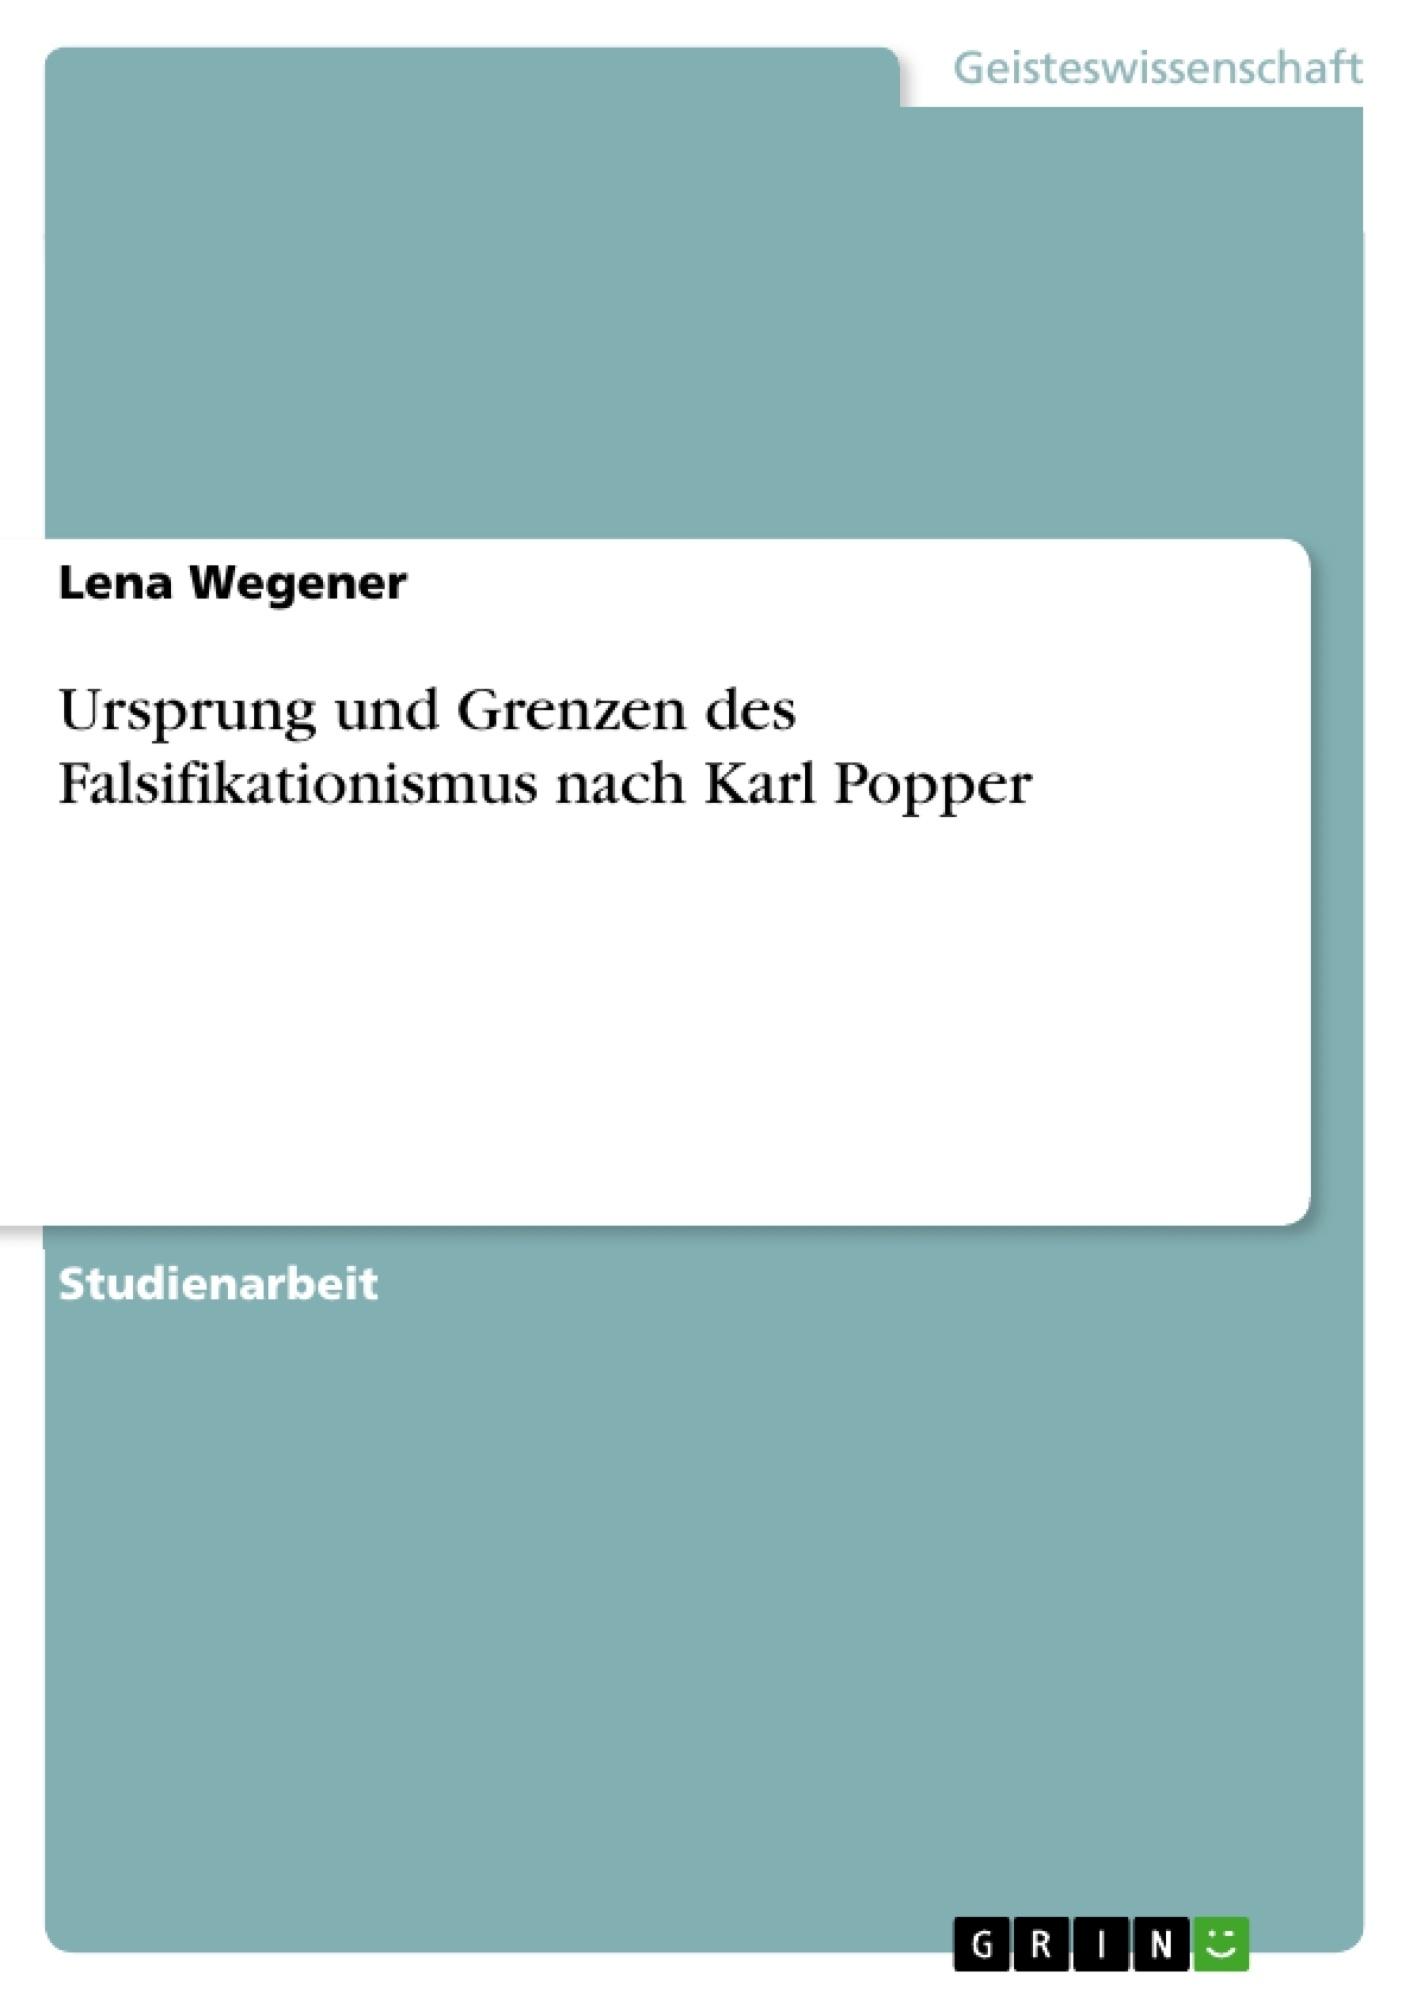 Titel: Ursprung und Grenzen des Falsifikationismus nach Karl Popper